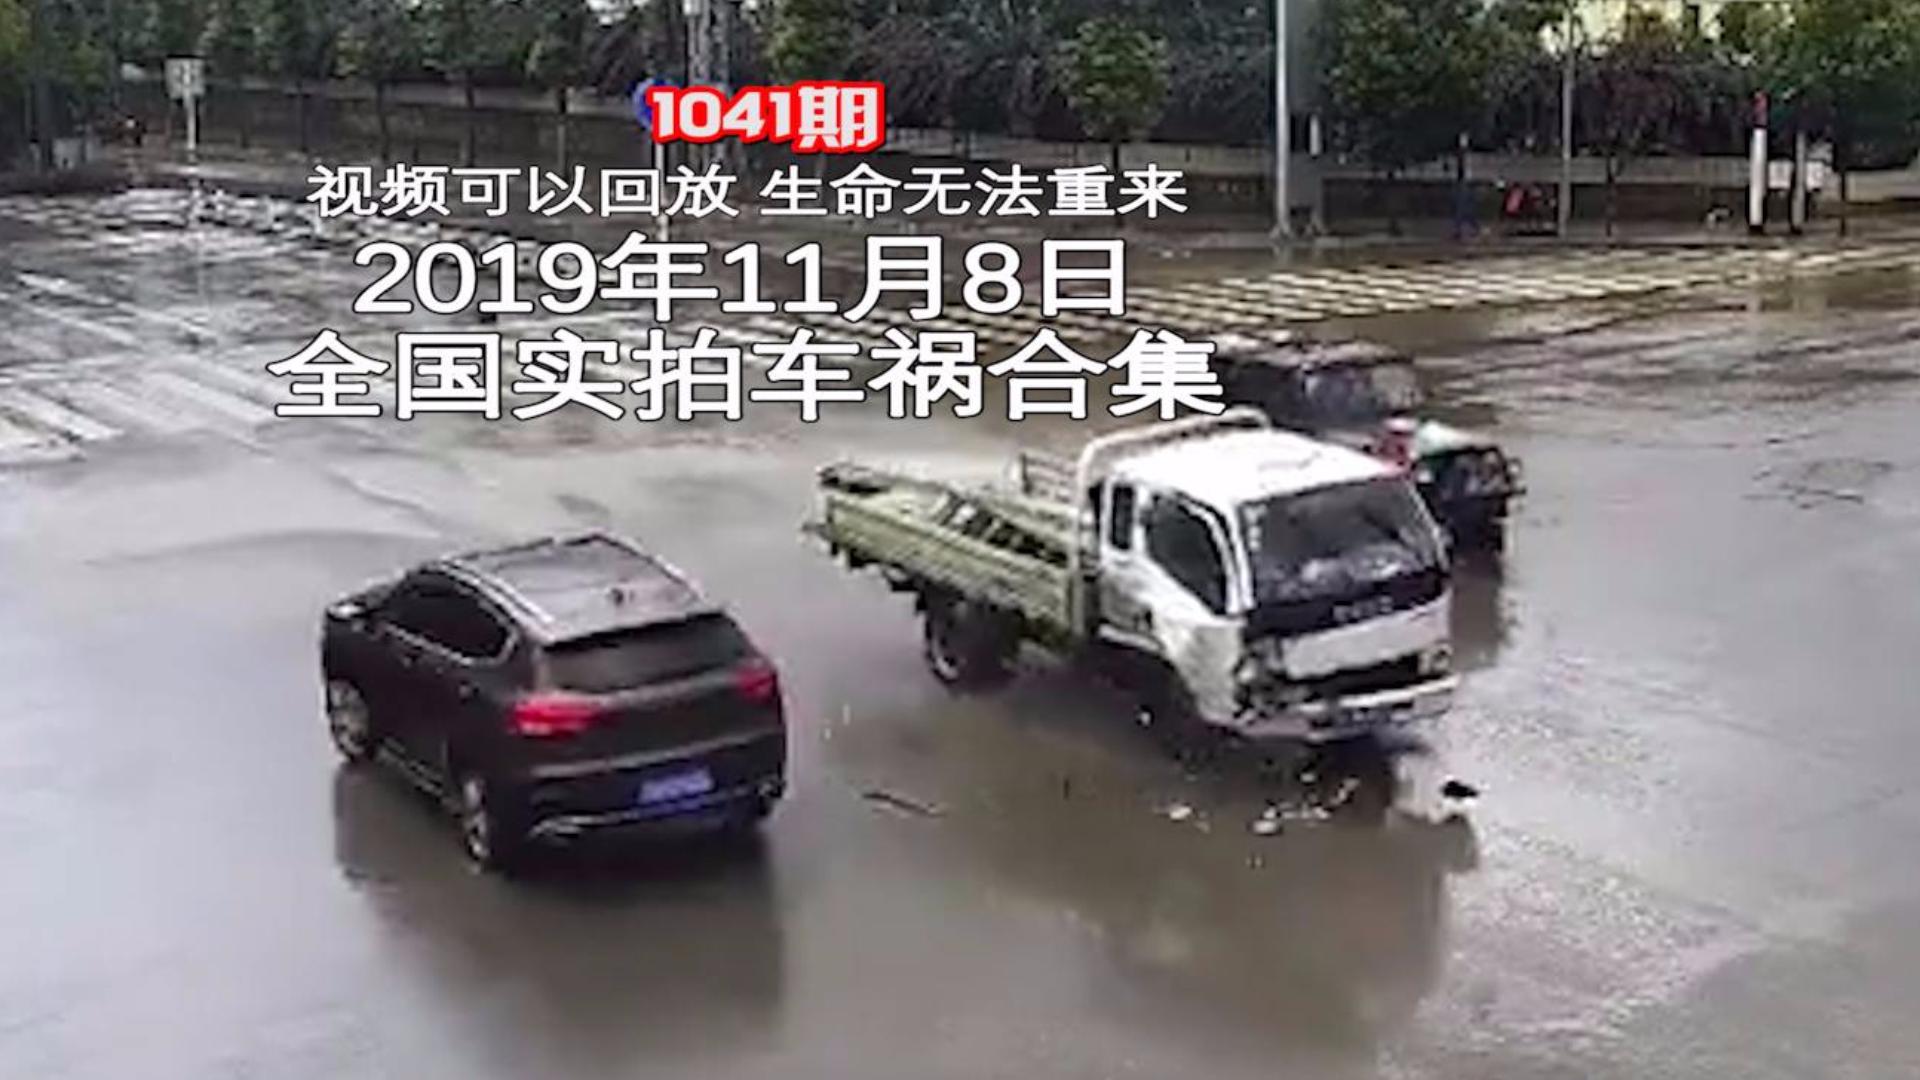 1041期:出租车转弯坠入130米悬崖司机奇迹生还【20191108全国车祸合集】